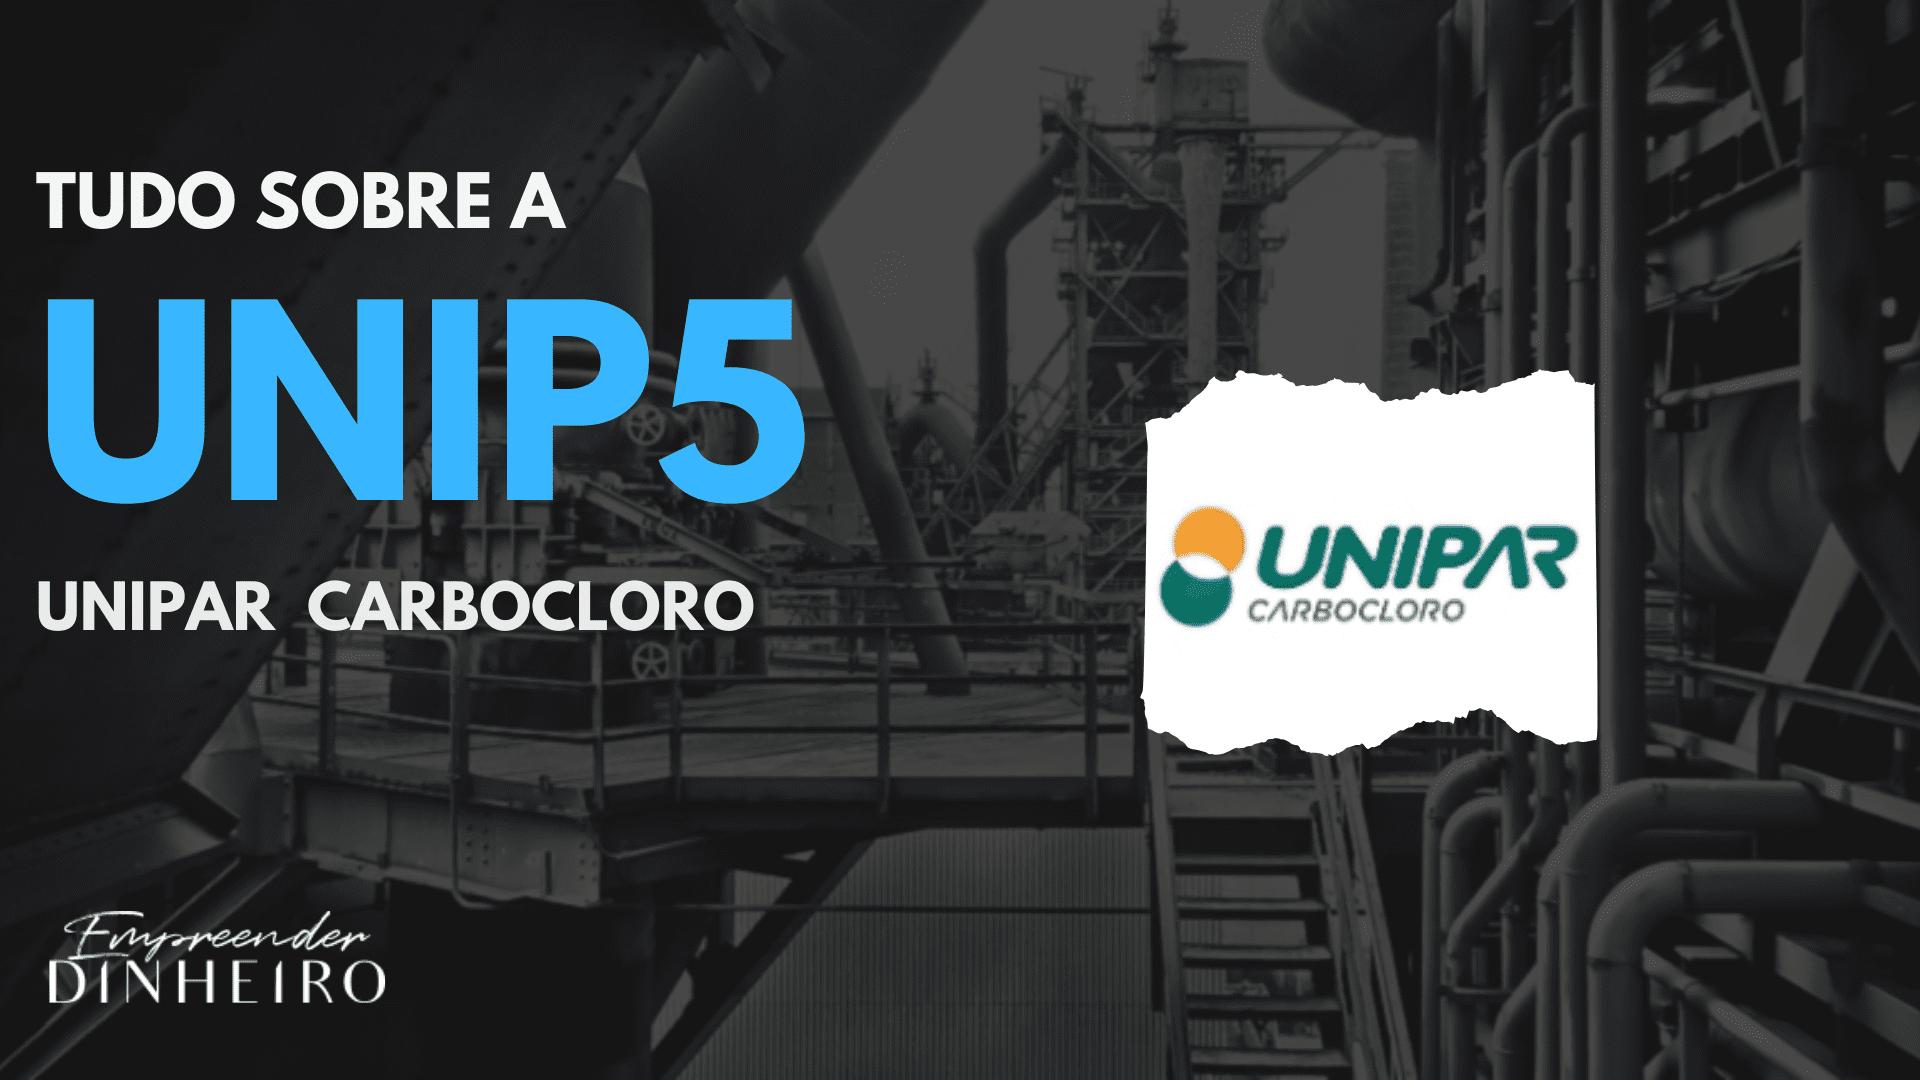 unip5 unipar carbocloro ações